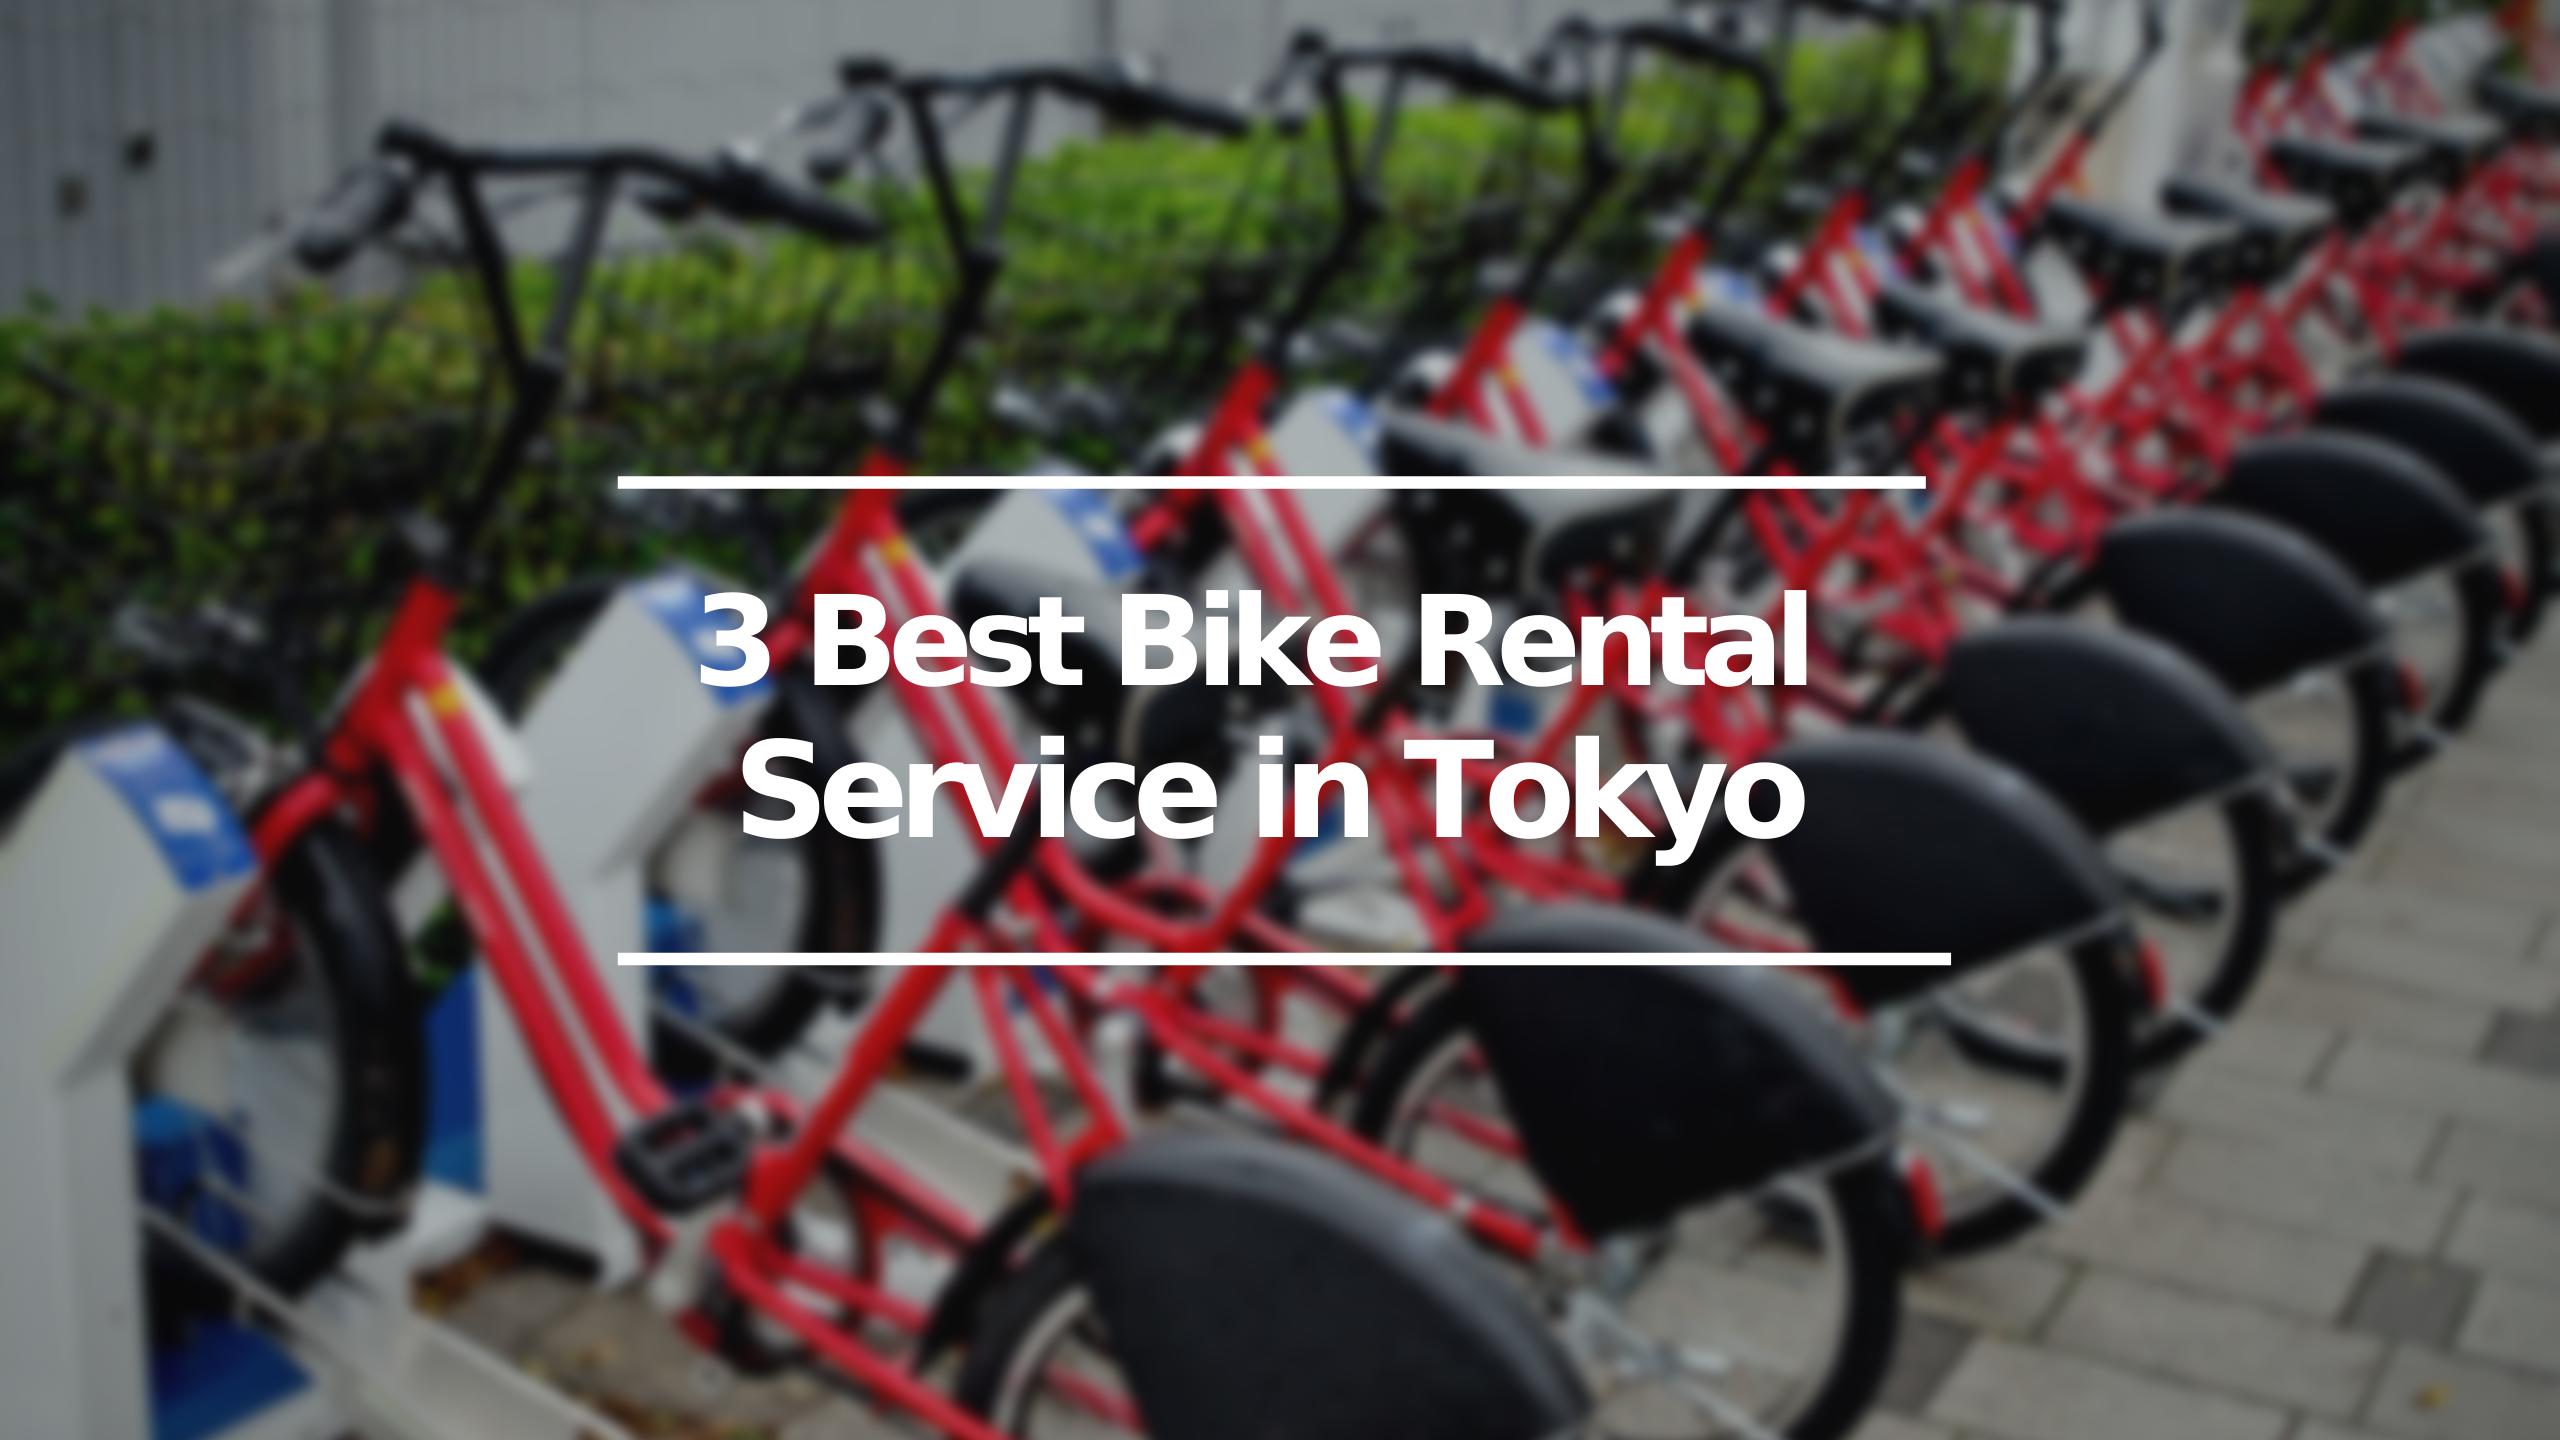 3 Best Bike Rental Service in Tokyo